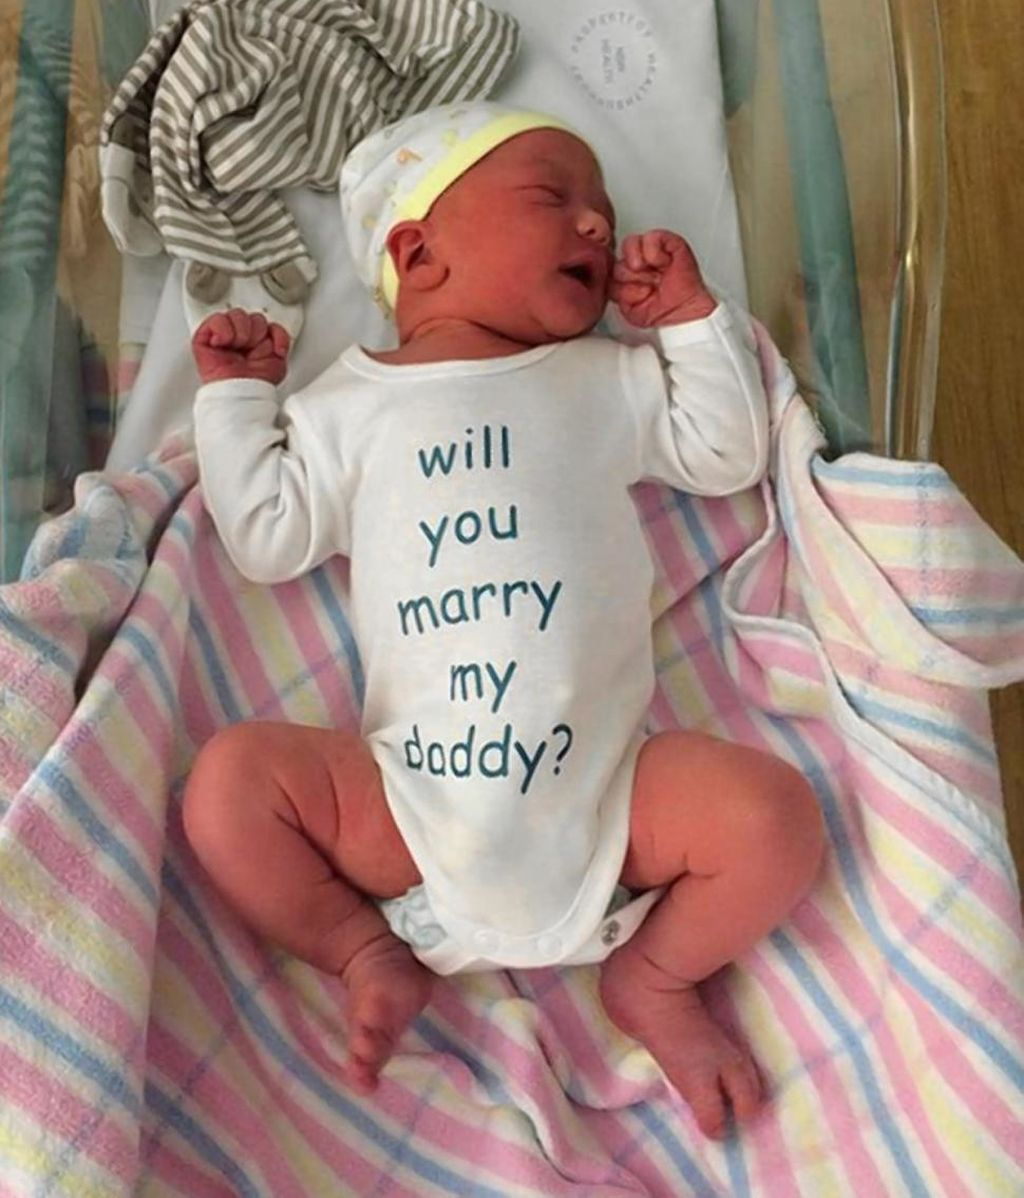 Un hombre le propone matrimonio a su novia mediante la ropa de su recién nacido